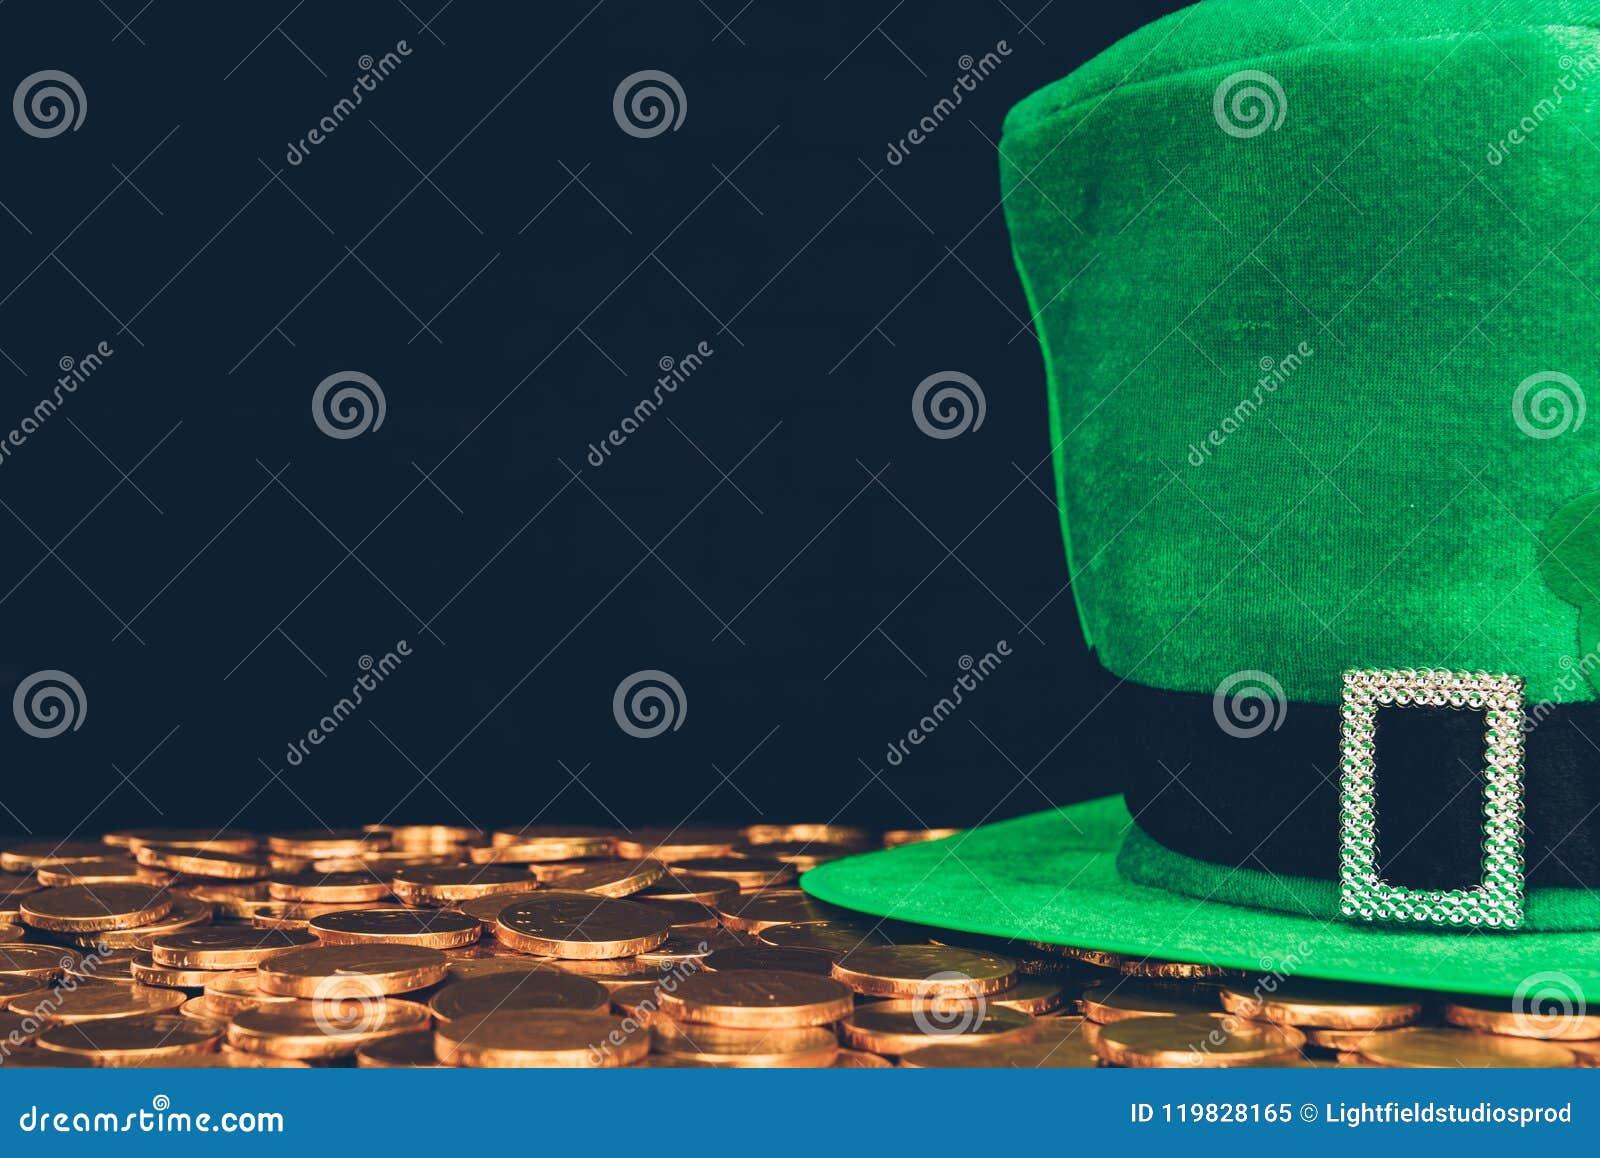 Zielony kapelusz na złotych monetach odizolowywać na czerni, st patricks dnia pojęcie